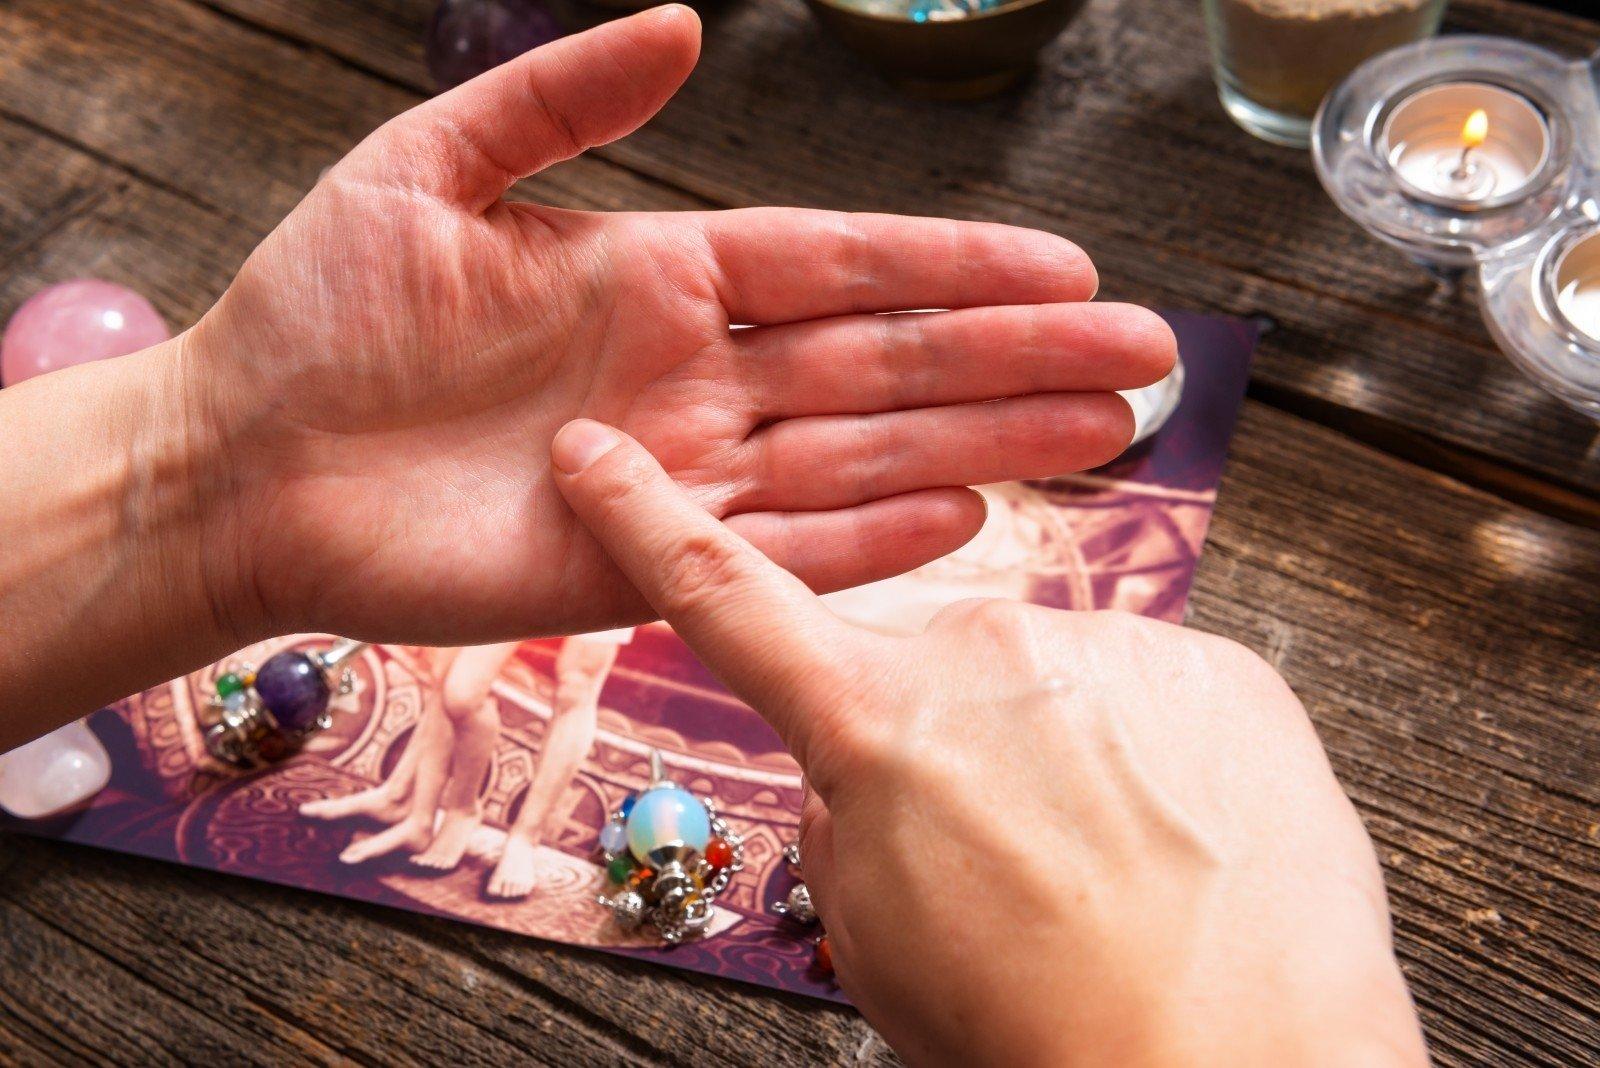 Как определить продолжительность жизни по линии жизни на руке